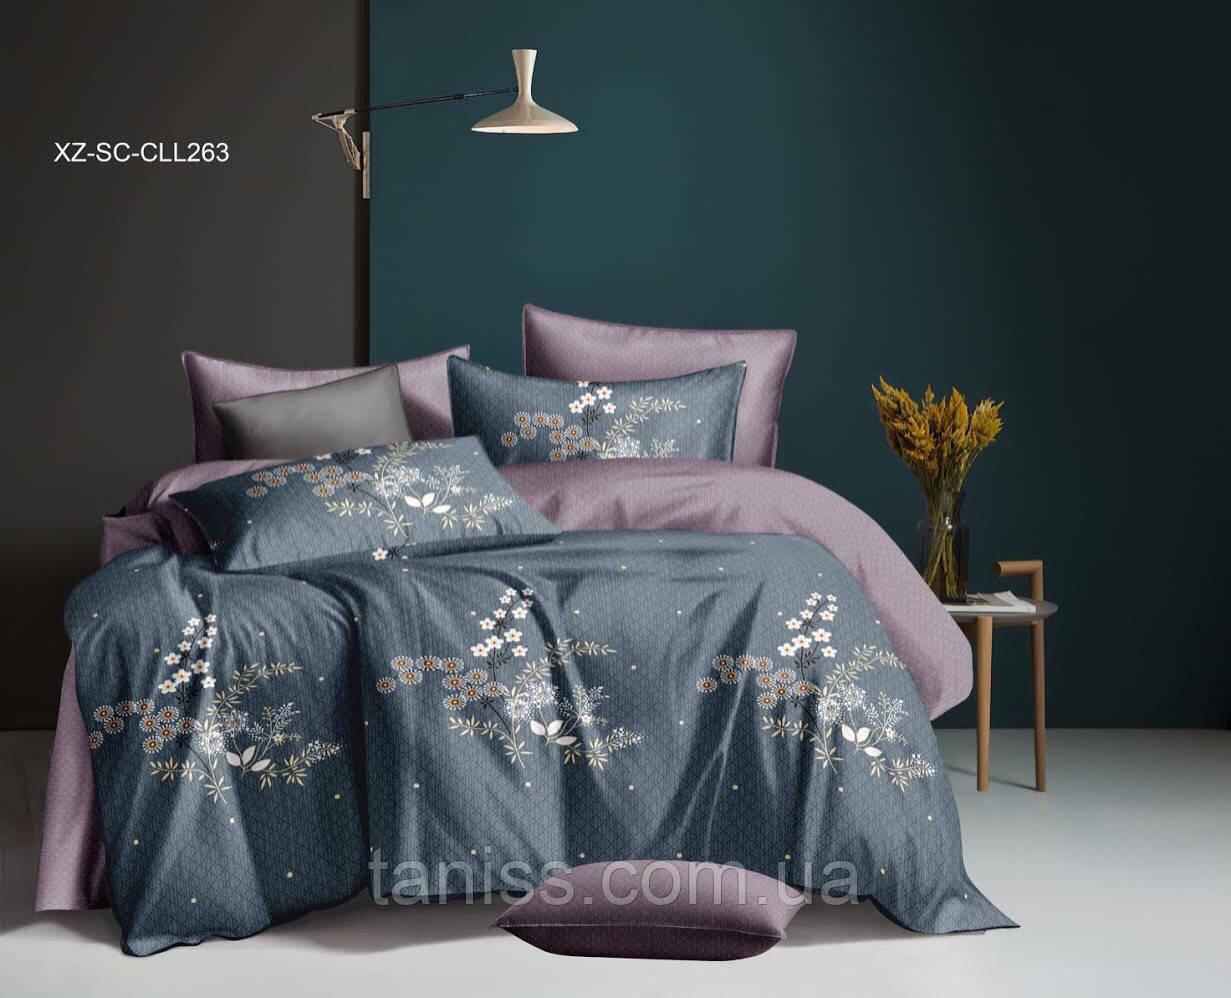 Двухспальный набор постельного белья Бязь Голд, расцветка как на фото,веточки